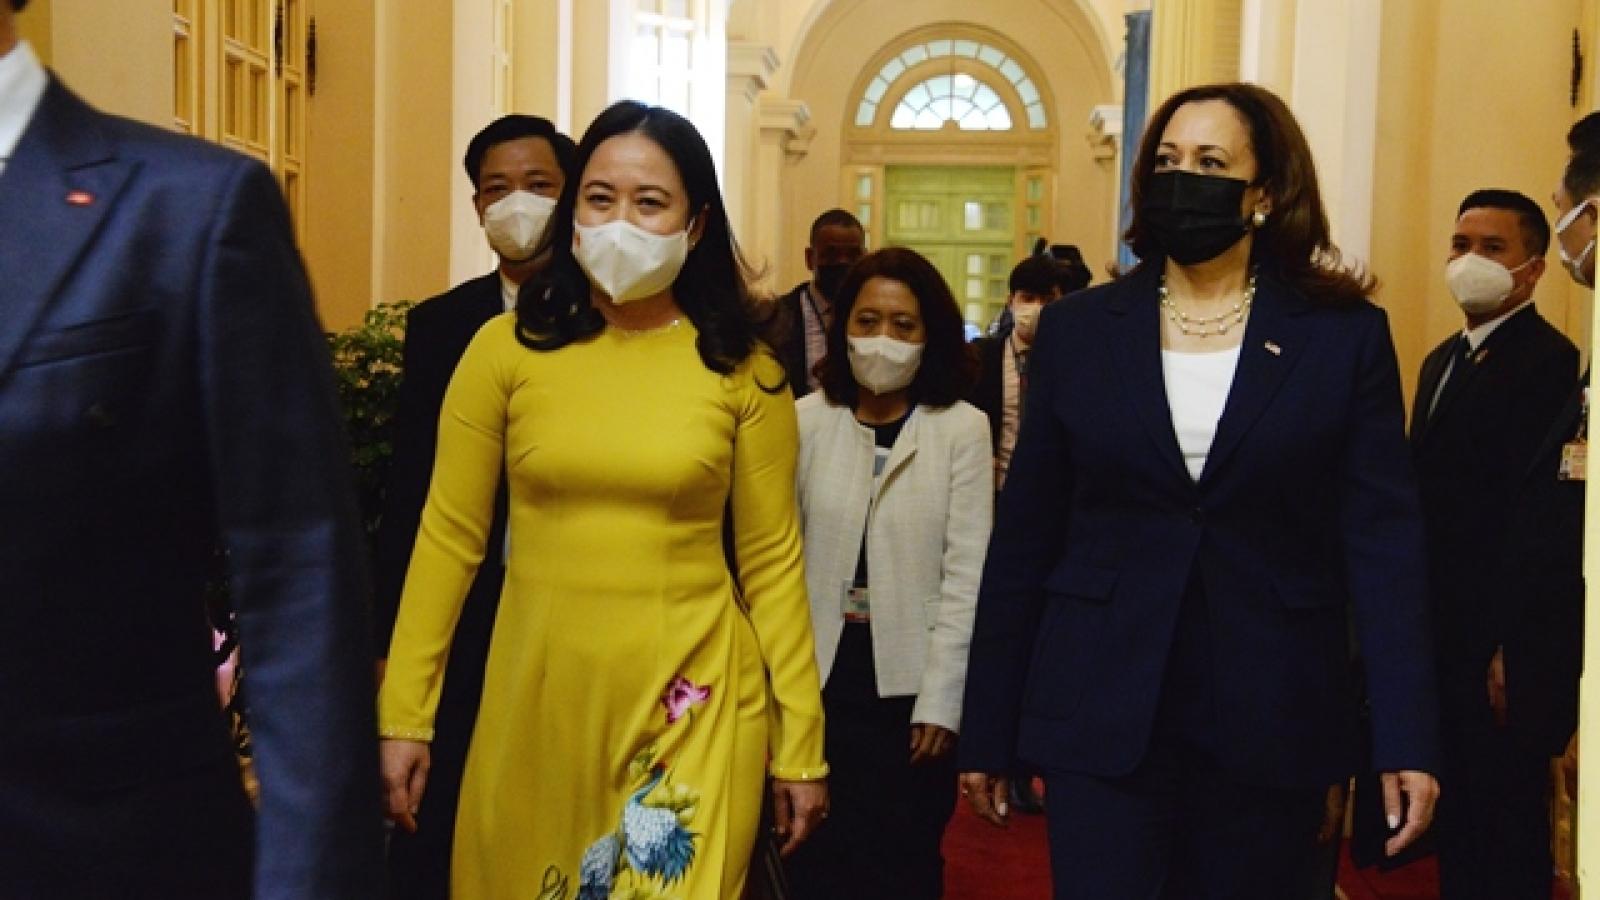 Báo chí nước ngoài: Quan hệ Mỹ -Việt đã sẵn sàng cho hợp tác chiến lược